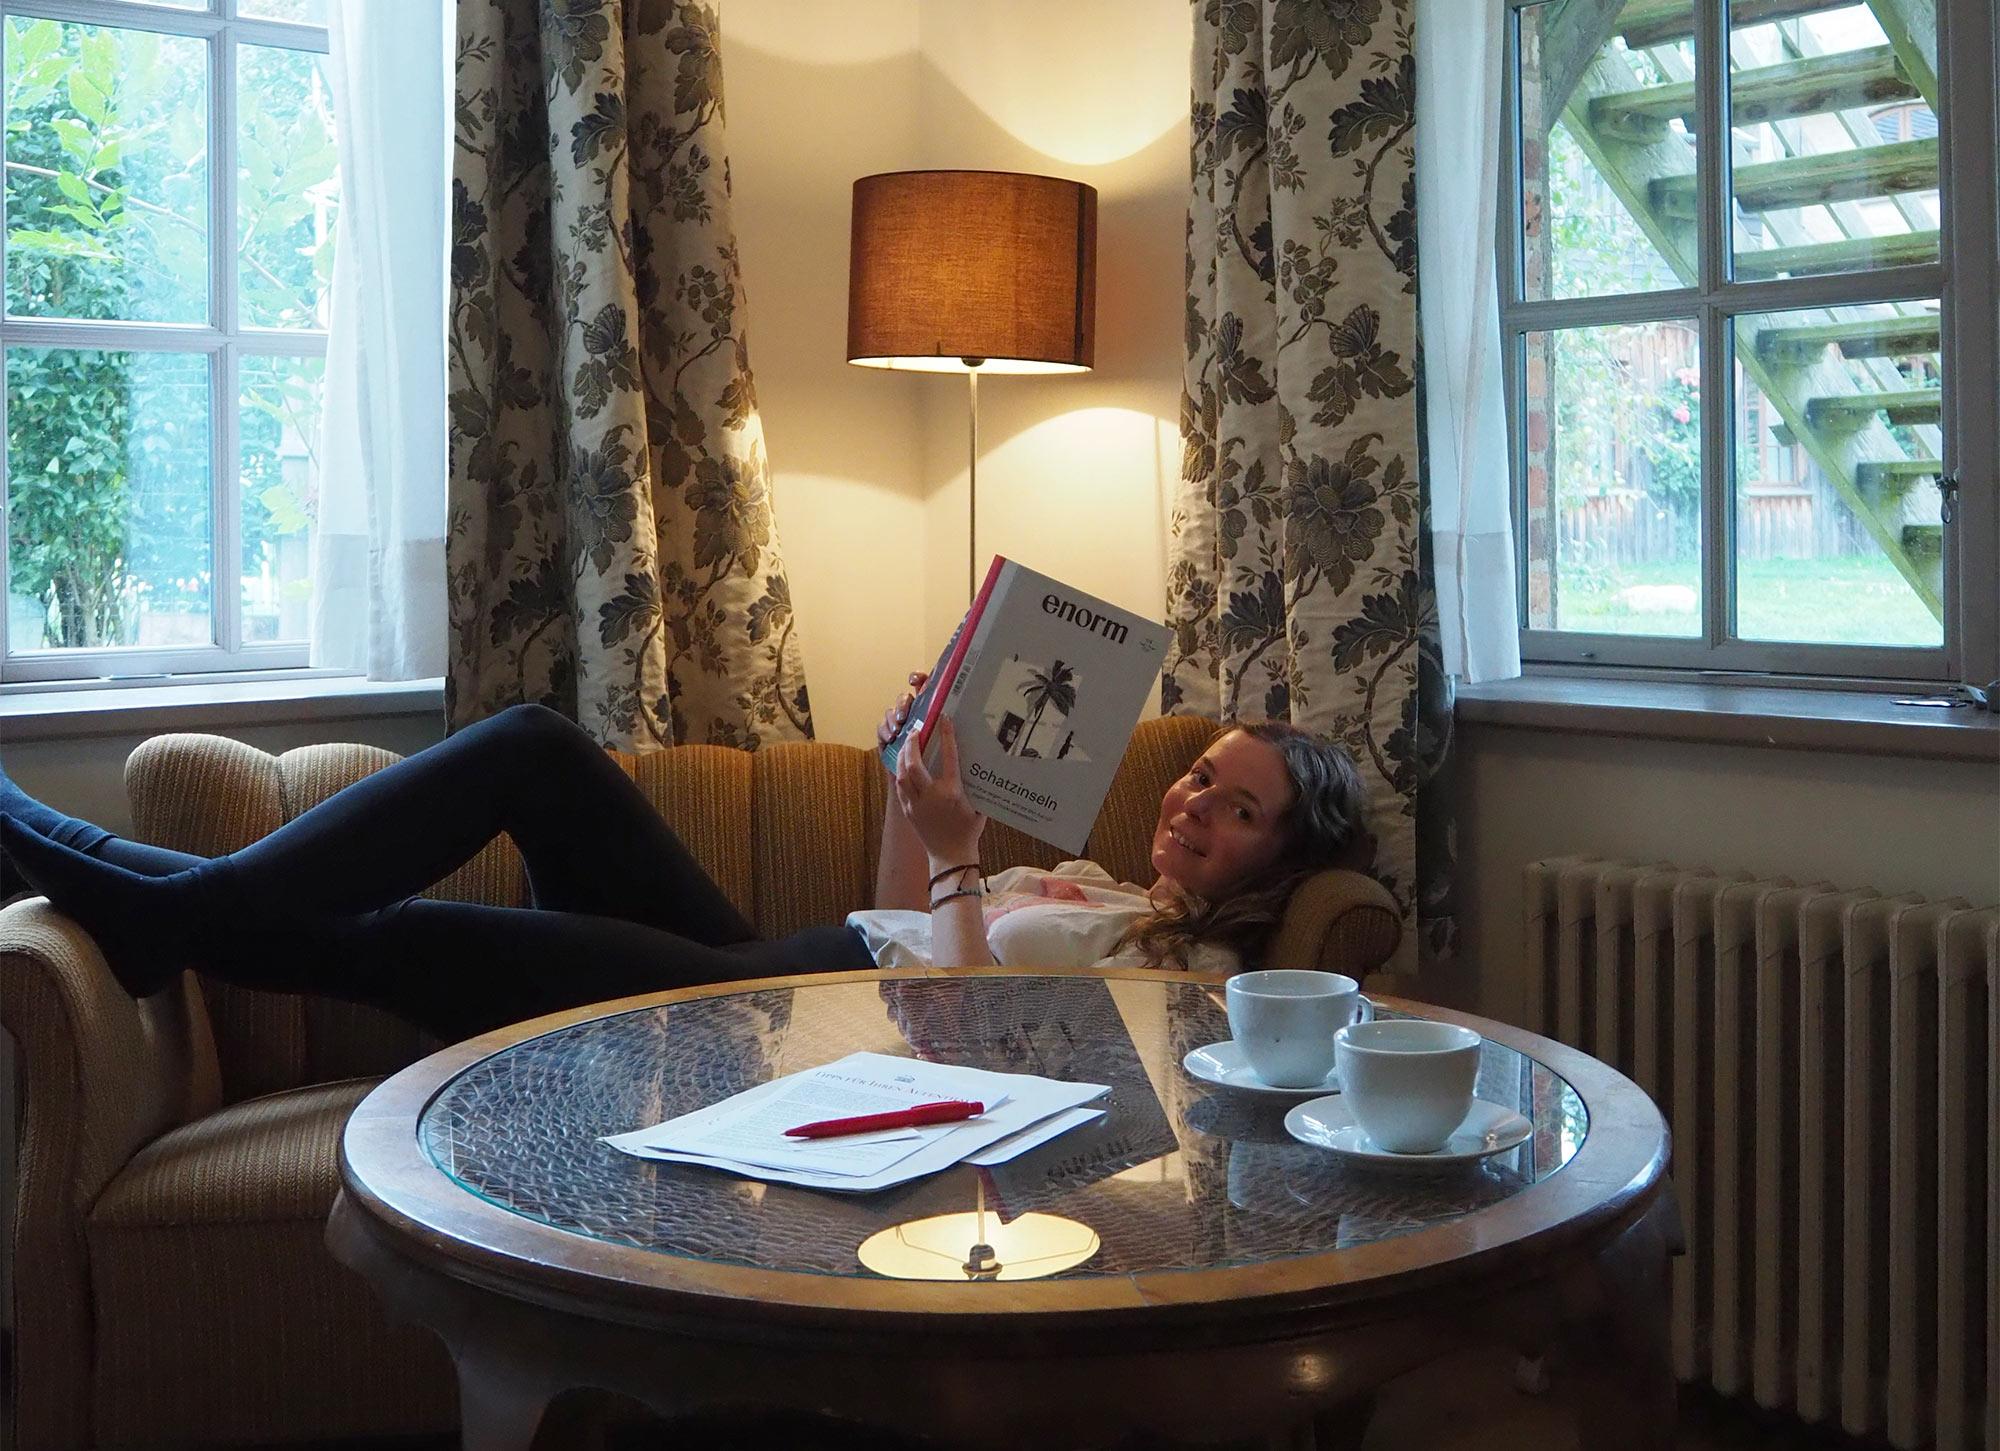 Auf dem Sofa kann man ein paar gemütliche Lesestunden verbringen